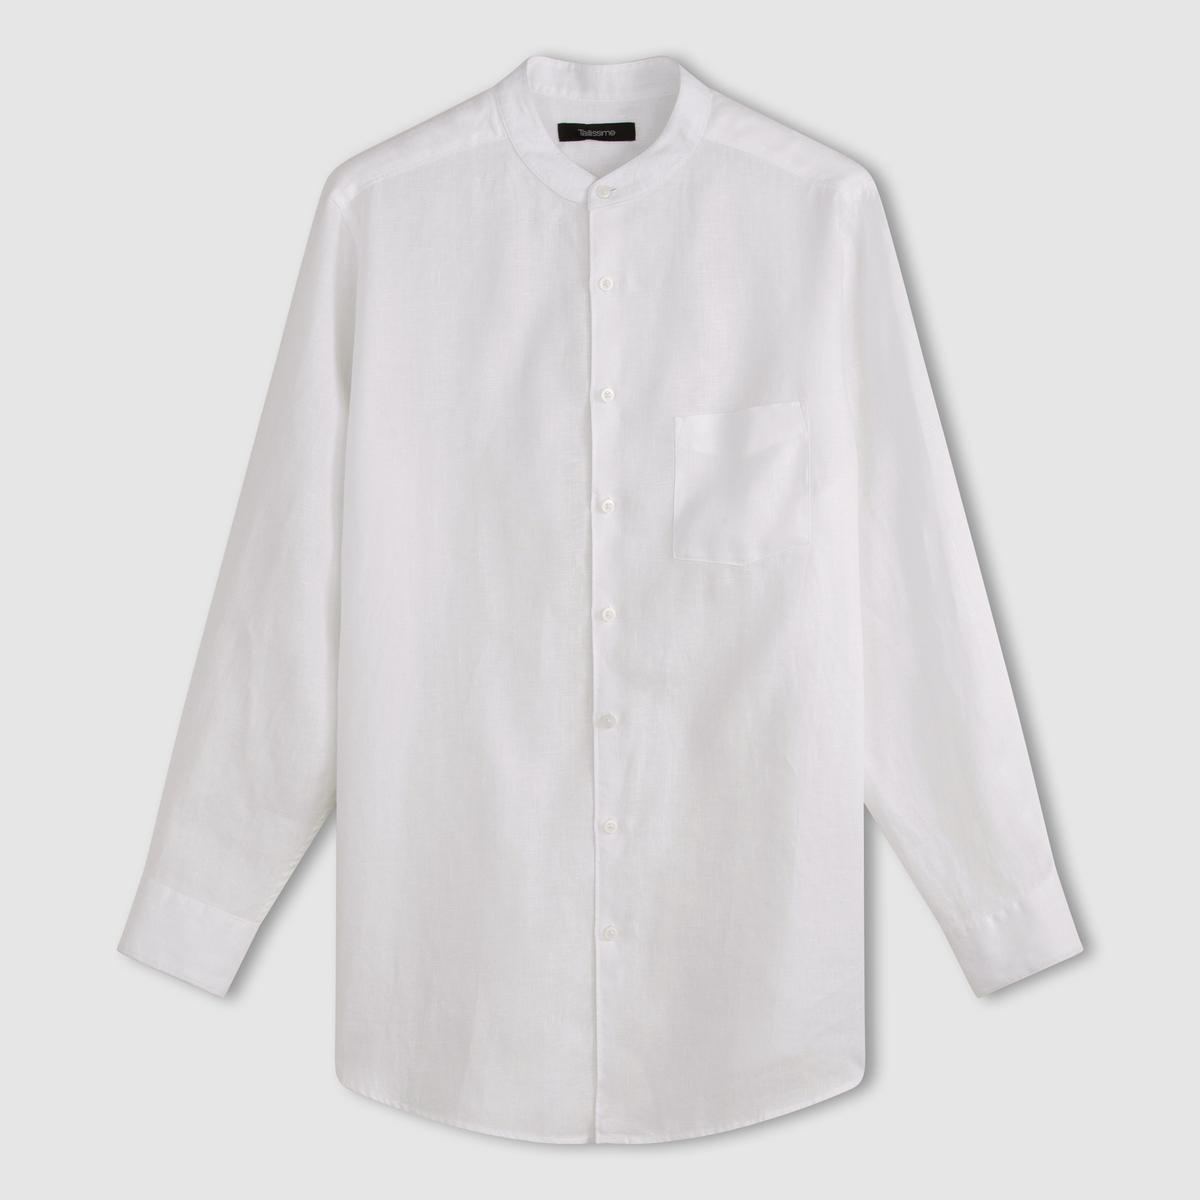 Рубашка с длинными рукавами и воротником-стойкой из льнаРубашка с воротником-стойкой. Длинные рукава. 1 накладной нагрудный карман. Закругленный низ. Складка с полоской ткани на спинке. 100% лен. - длина рубашки спереди : 85 см для размера 41/42 и 93 см для размера 57/58.- длина рукавов : 67 см<br><br>Цвет: белый,темно-синий<br>Размер: 47/48.51/52.55/56.45/46.43/44